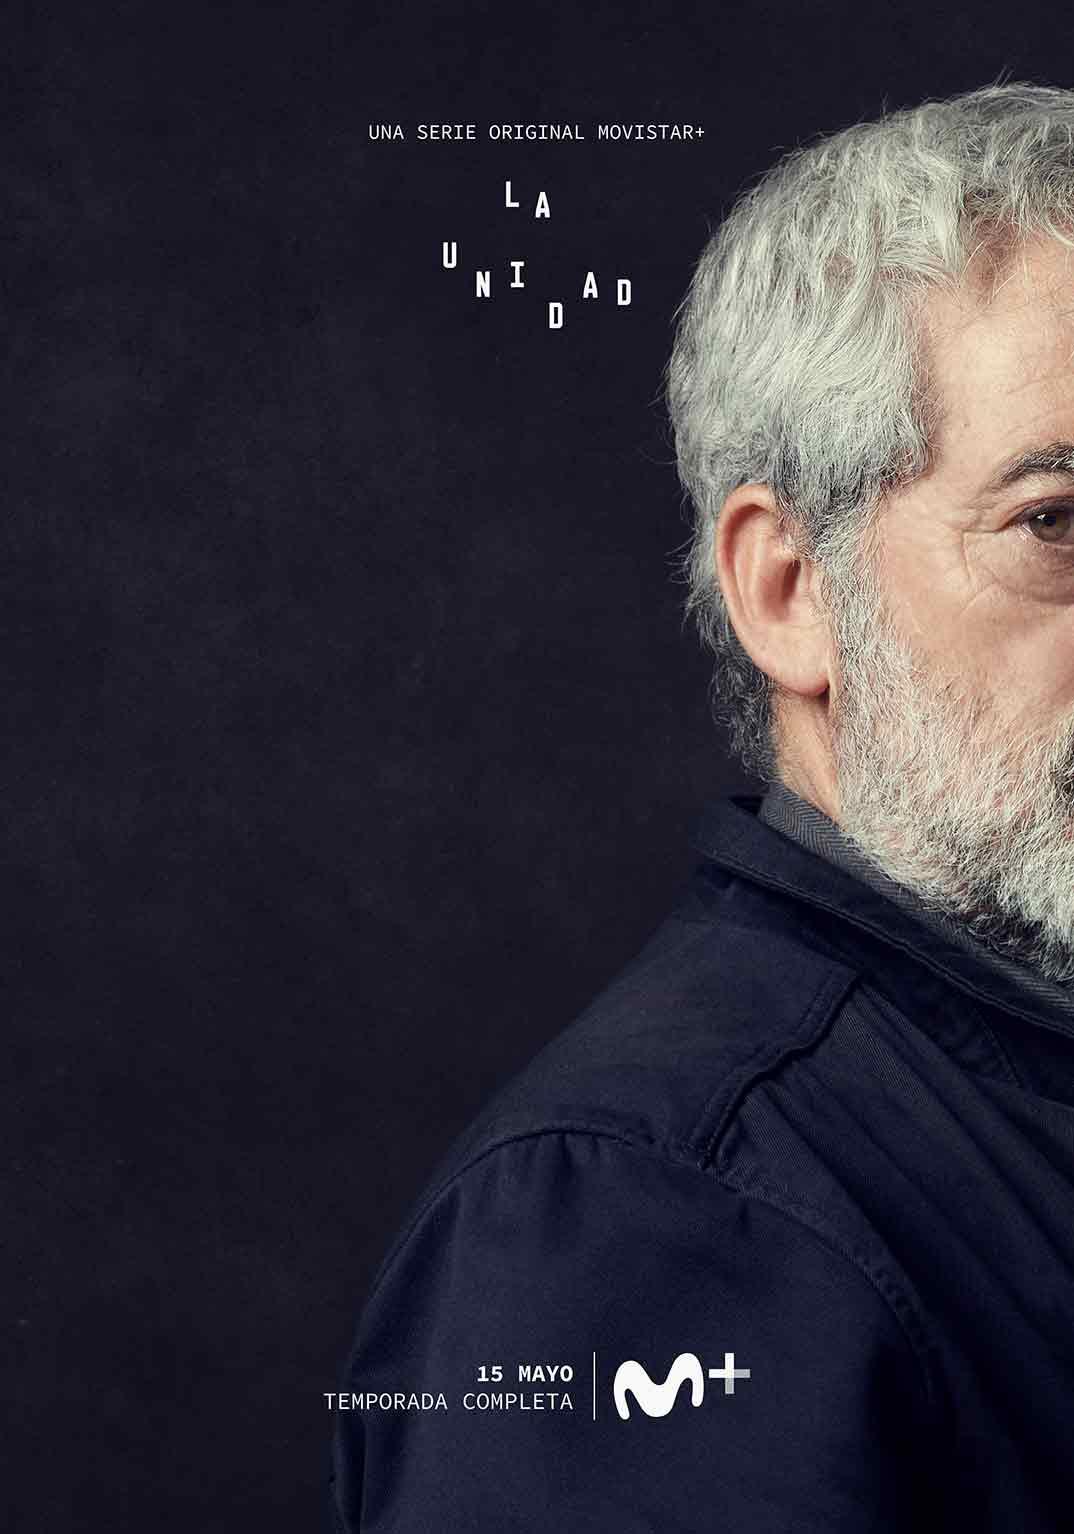 Carlos Blanco - La unidad © Movistar+